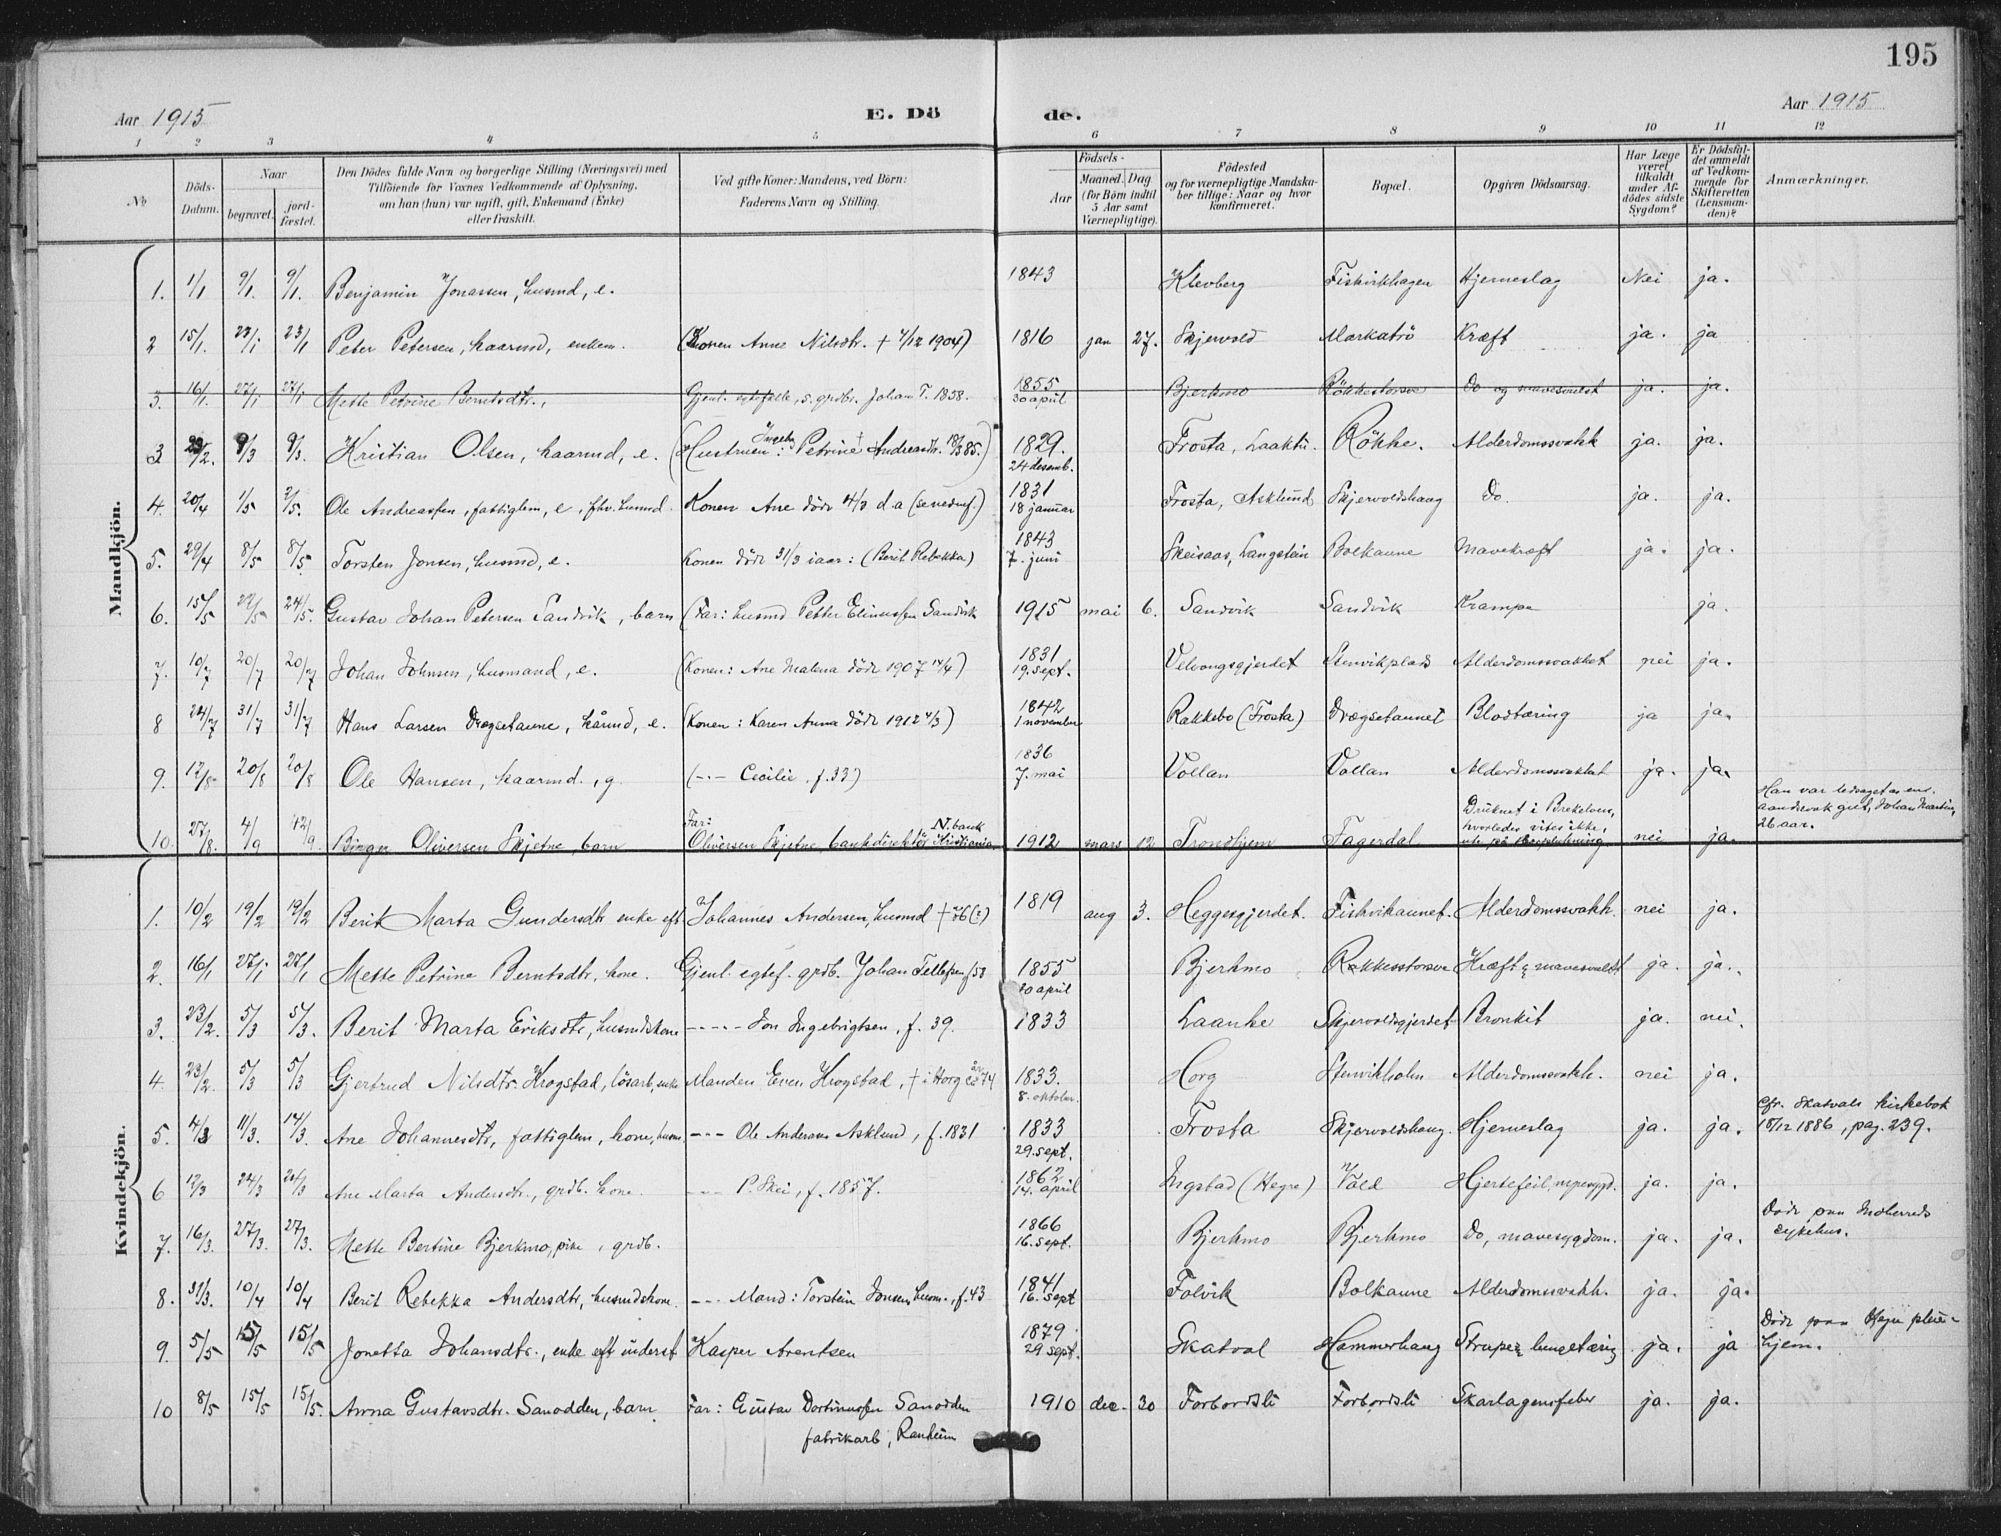 SAT, Ministerialprotokoller, klokkerbøker og fødselsregistre - Nord-Trøndelag, 712/L0101: Ministerialbok nr. 712A02, 1901-1916, s. 195